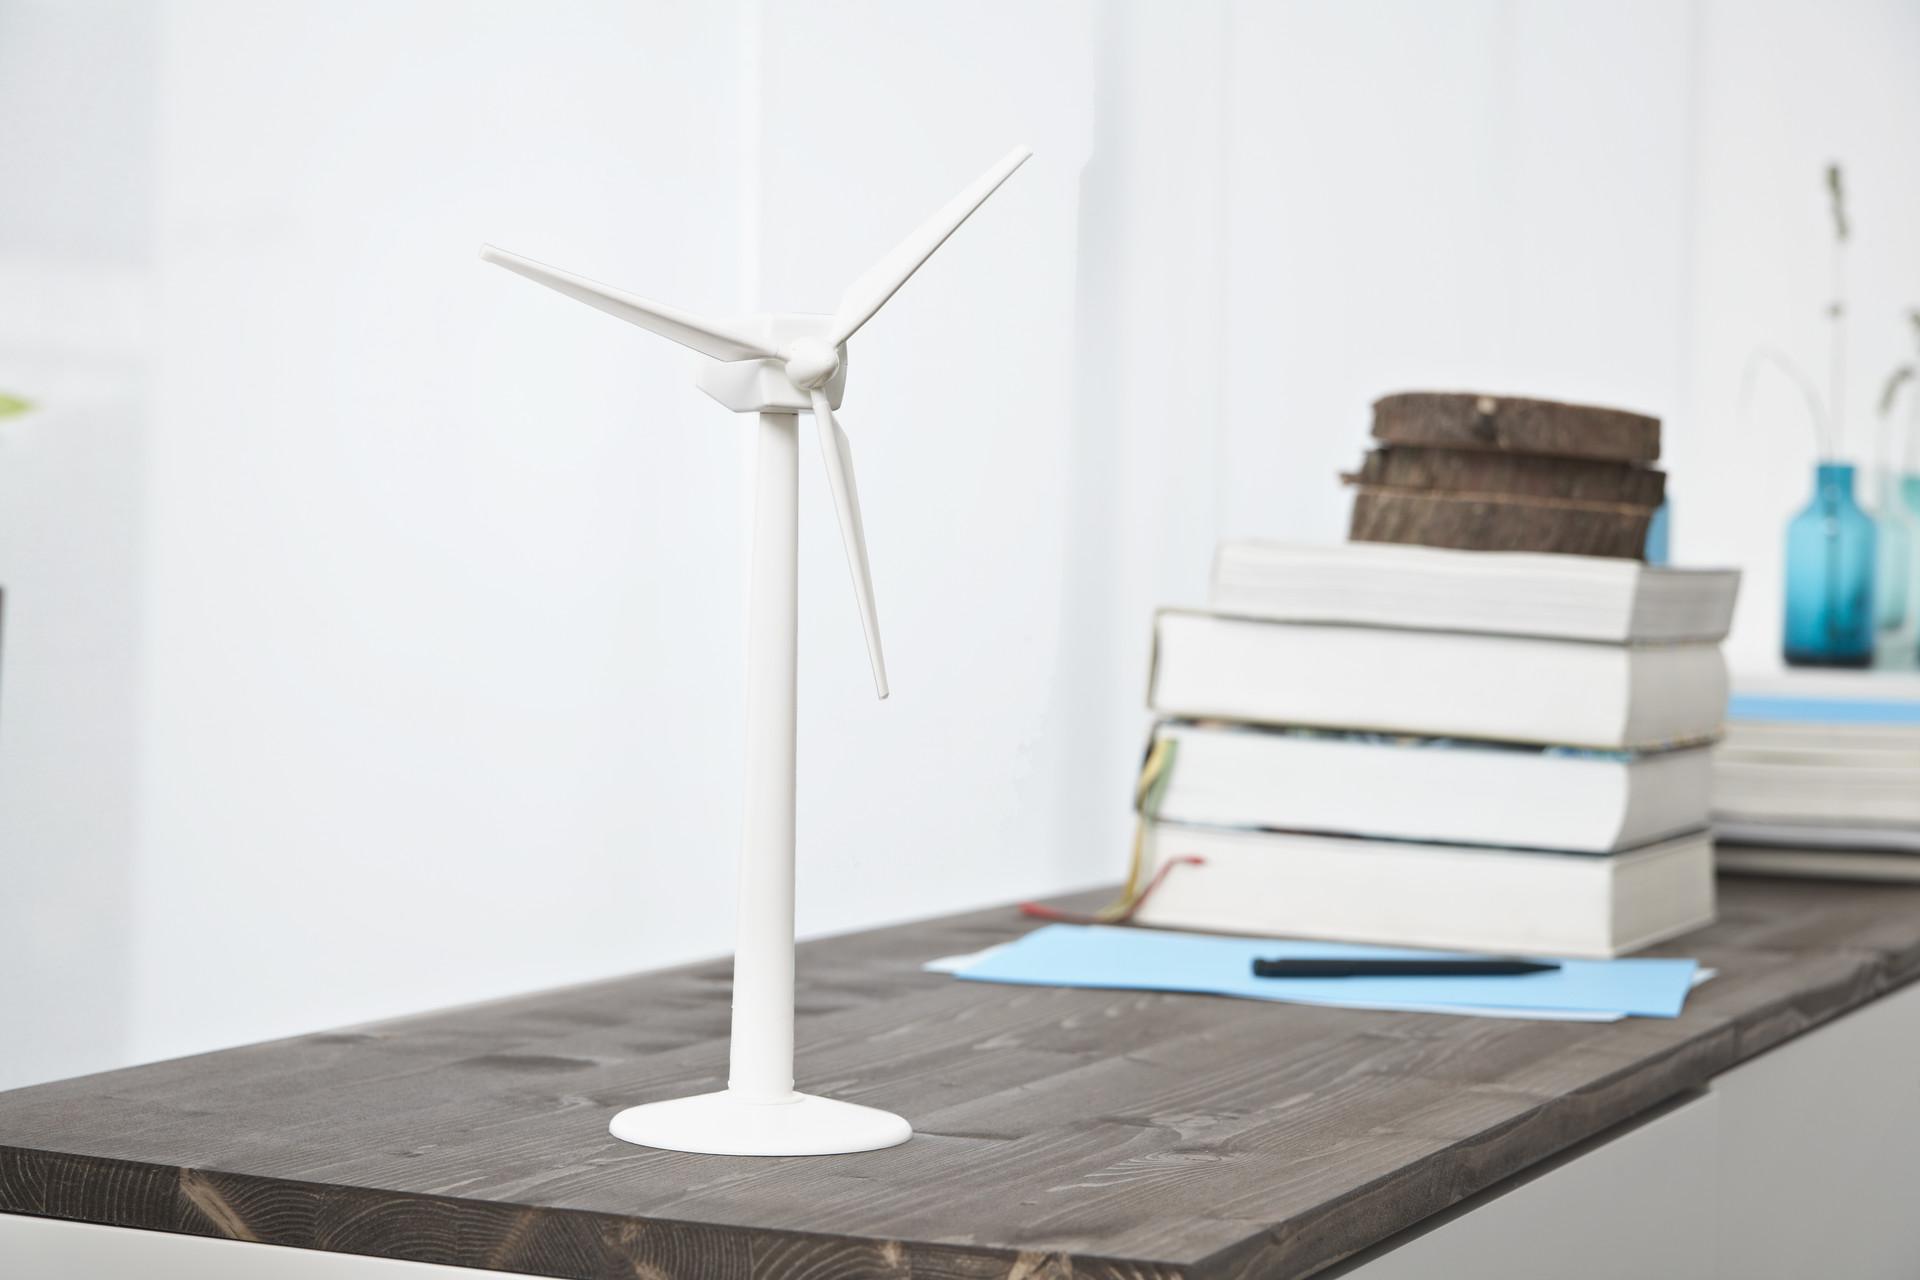 풍력 발전기 제어 원리에 대한 이해 및 교육